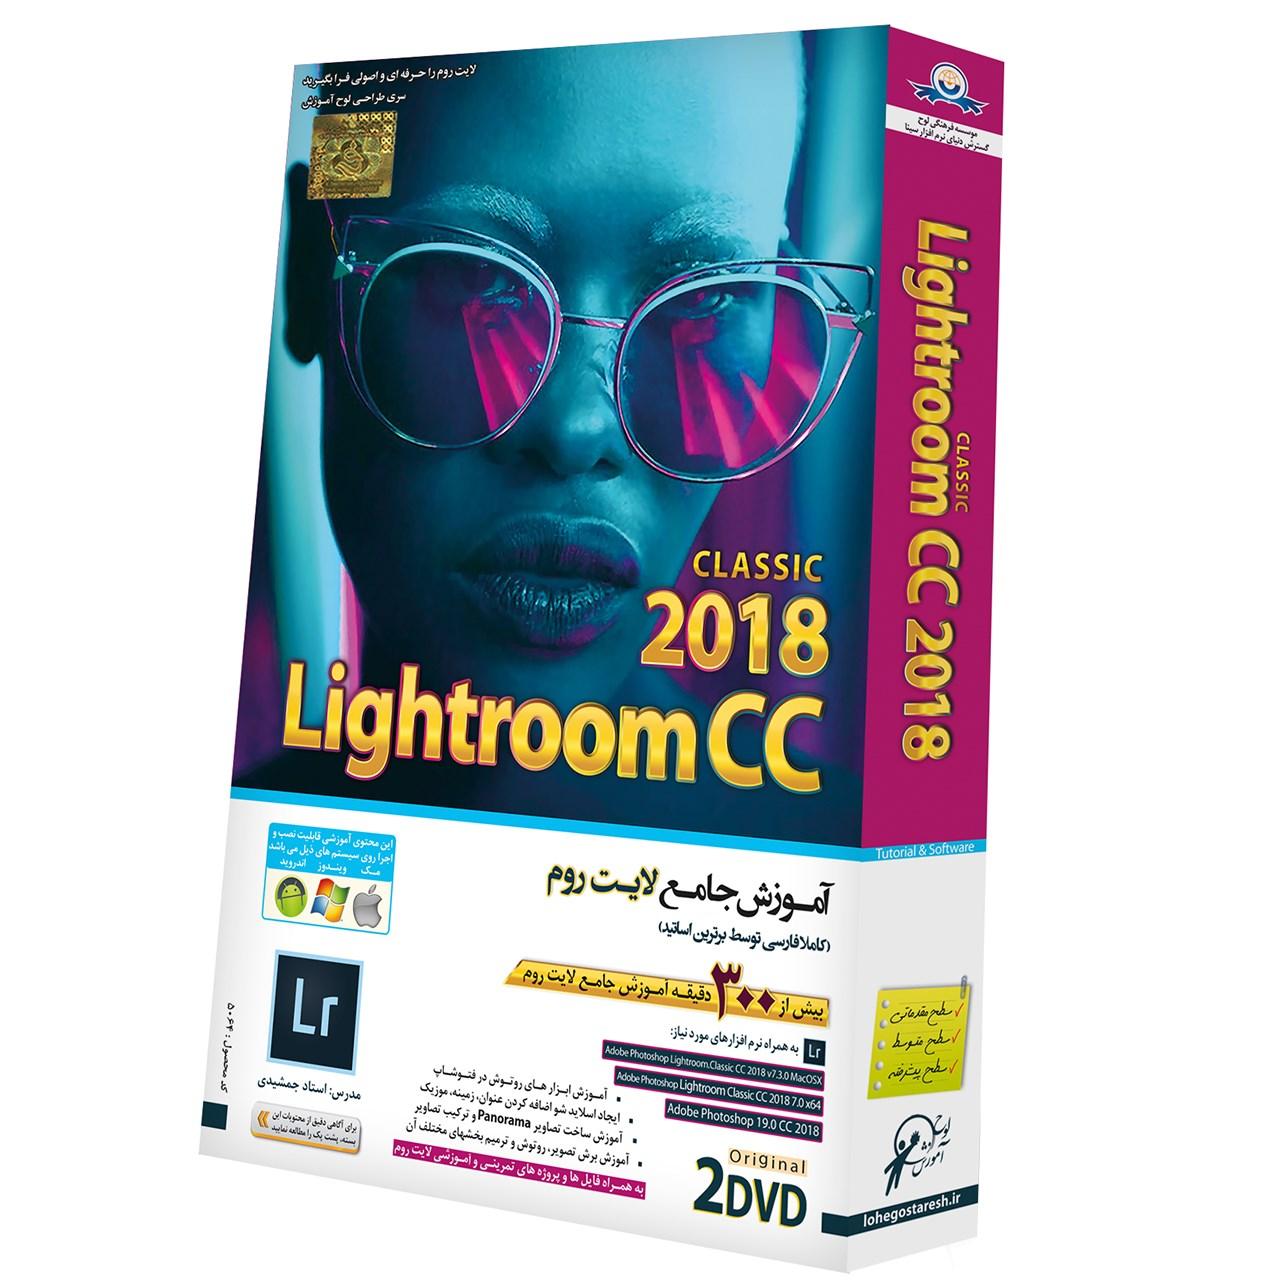 نرم افزار آموزش Lightroom CC 2018